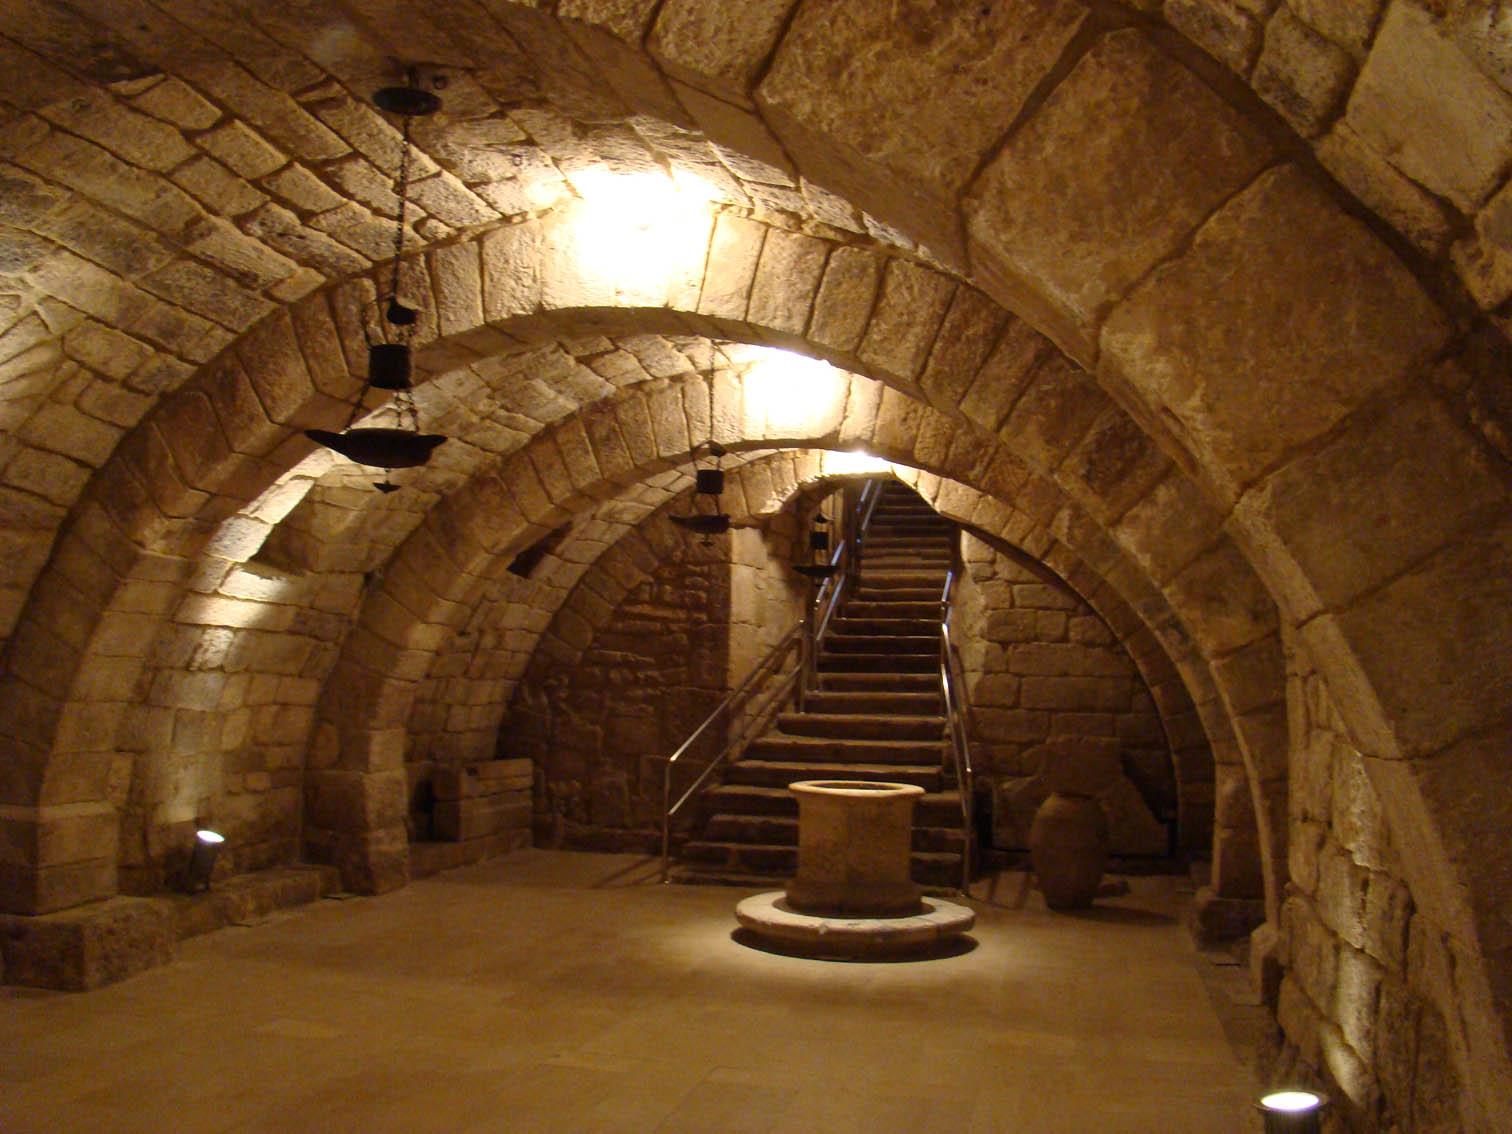 Cuentos de la cripta - Home Facebook 74